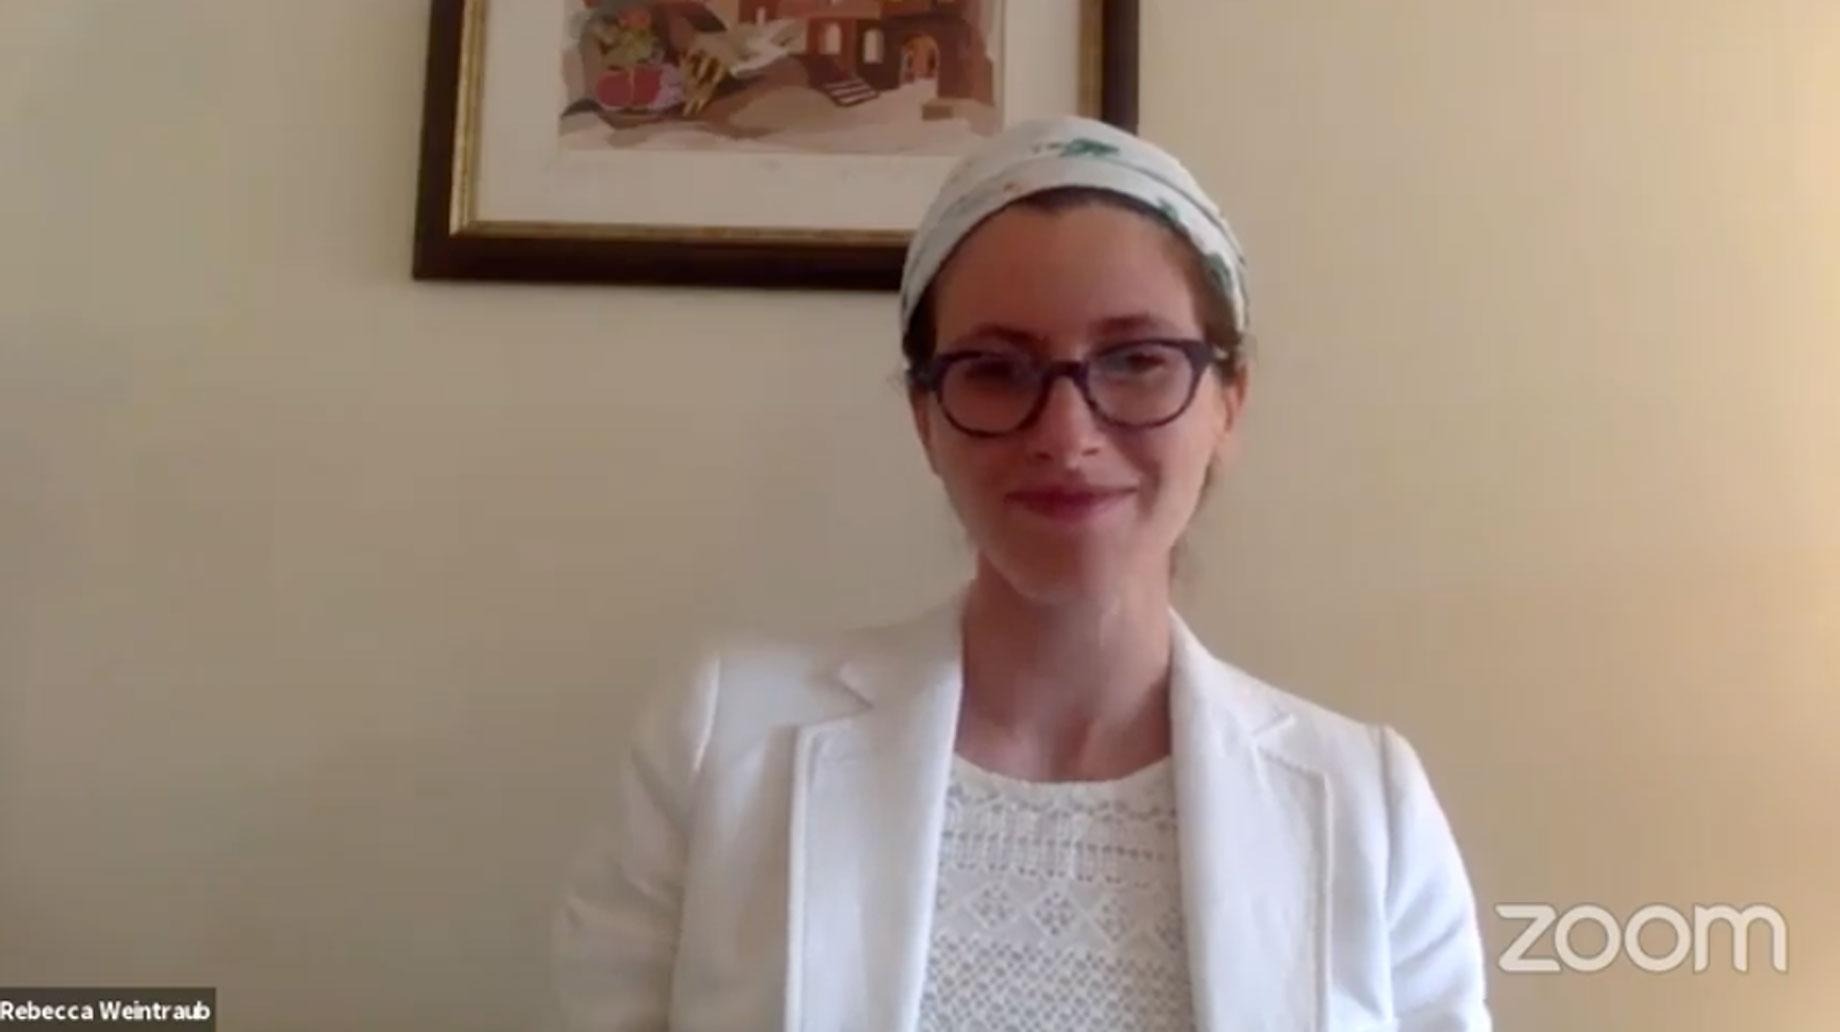 Rabbi Becca Weintraub